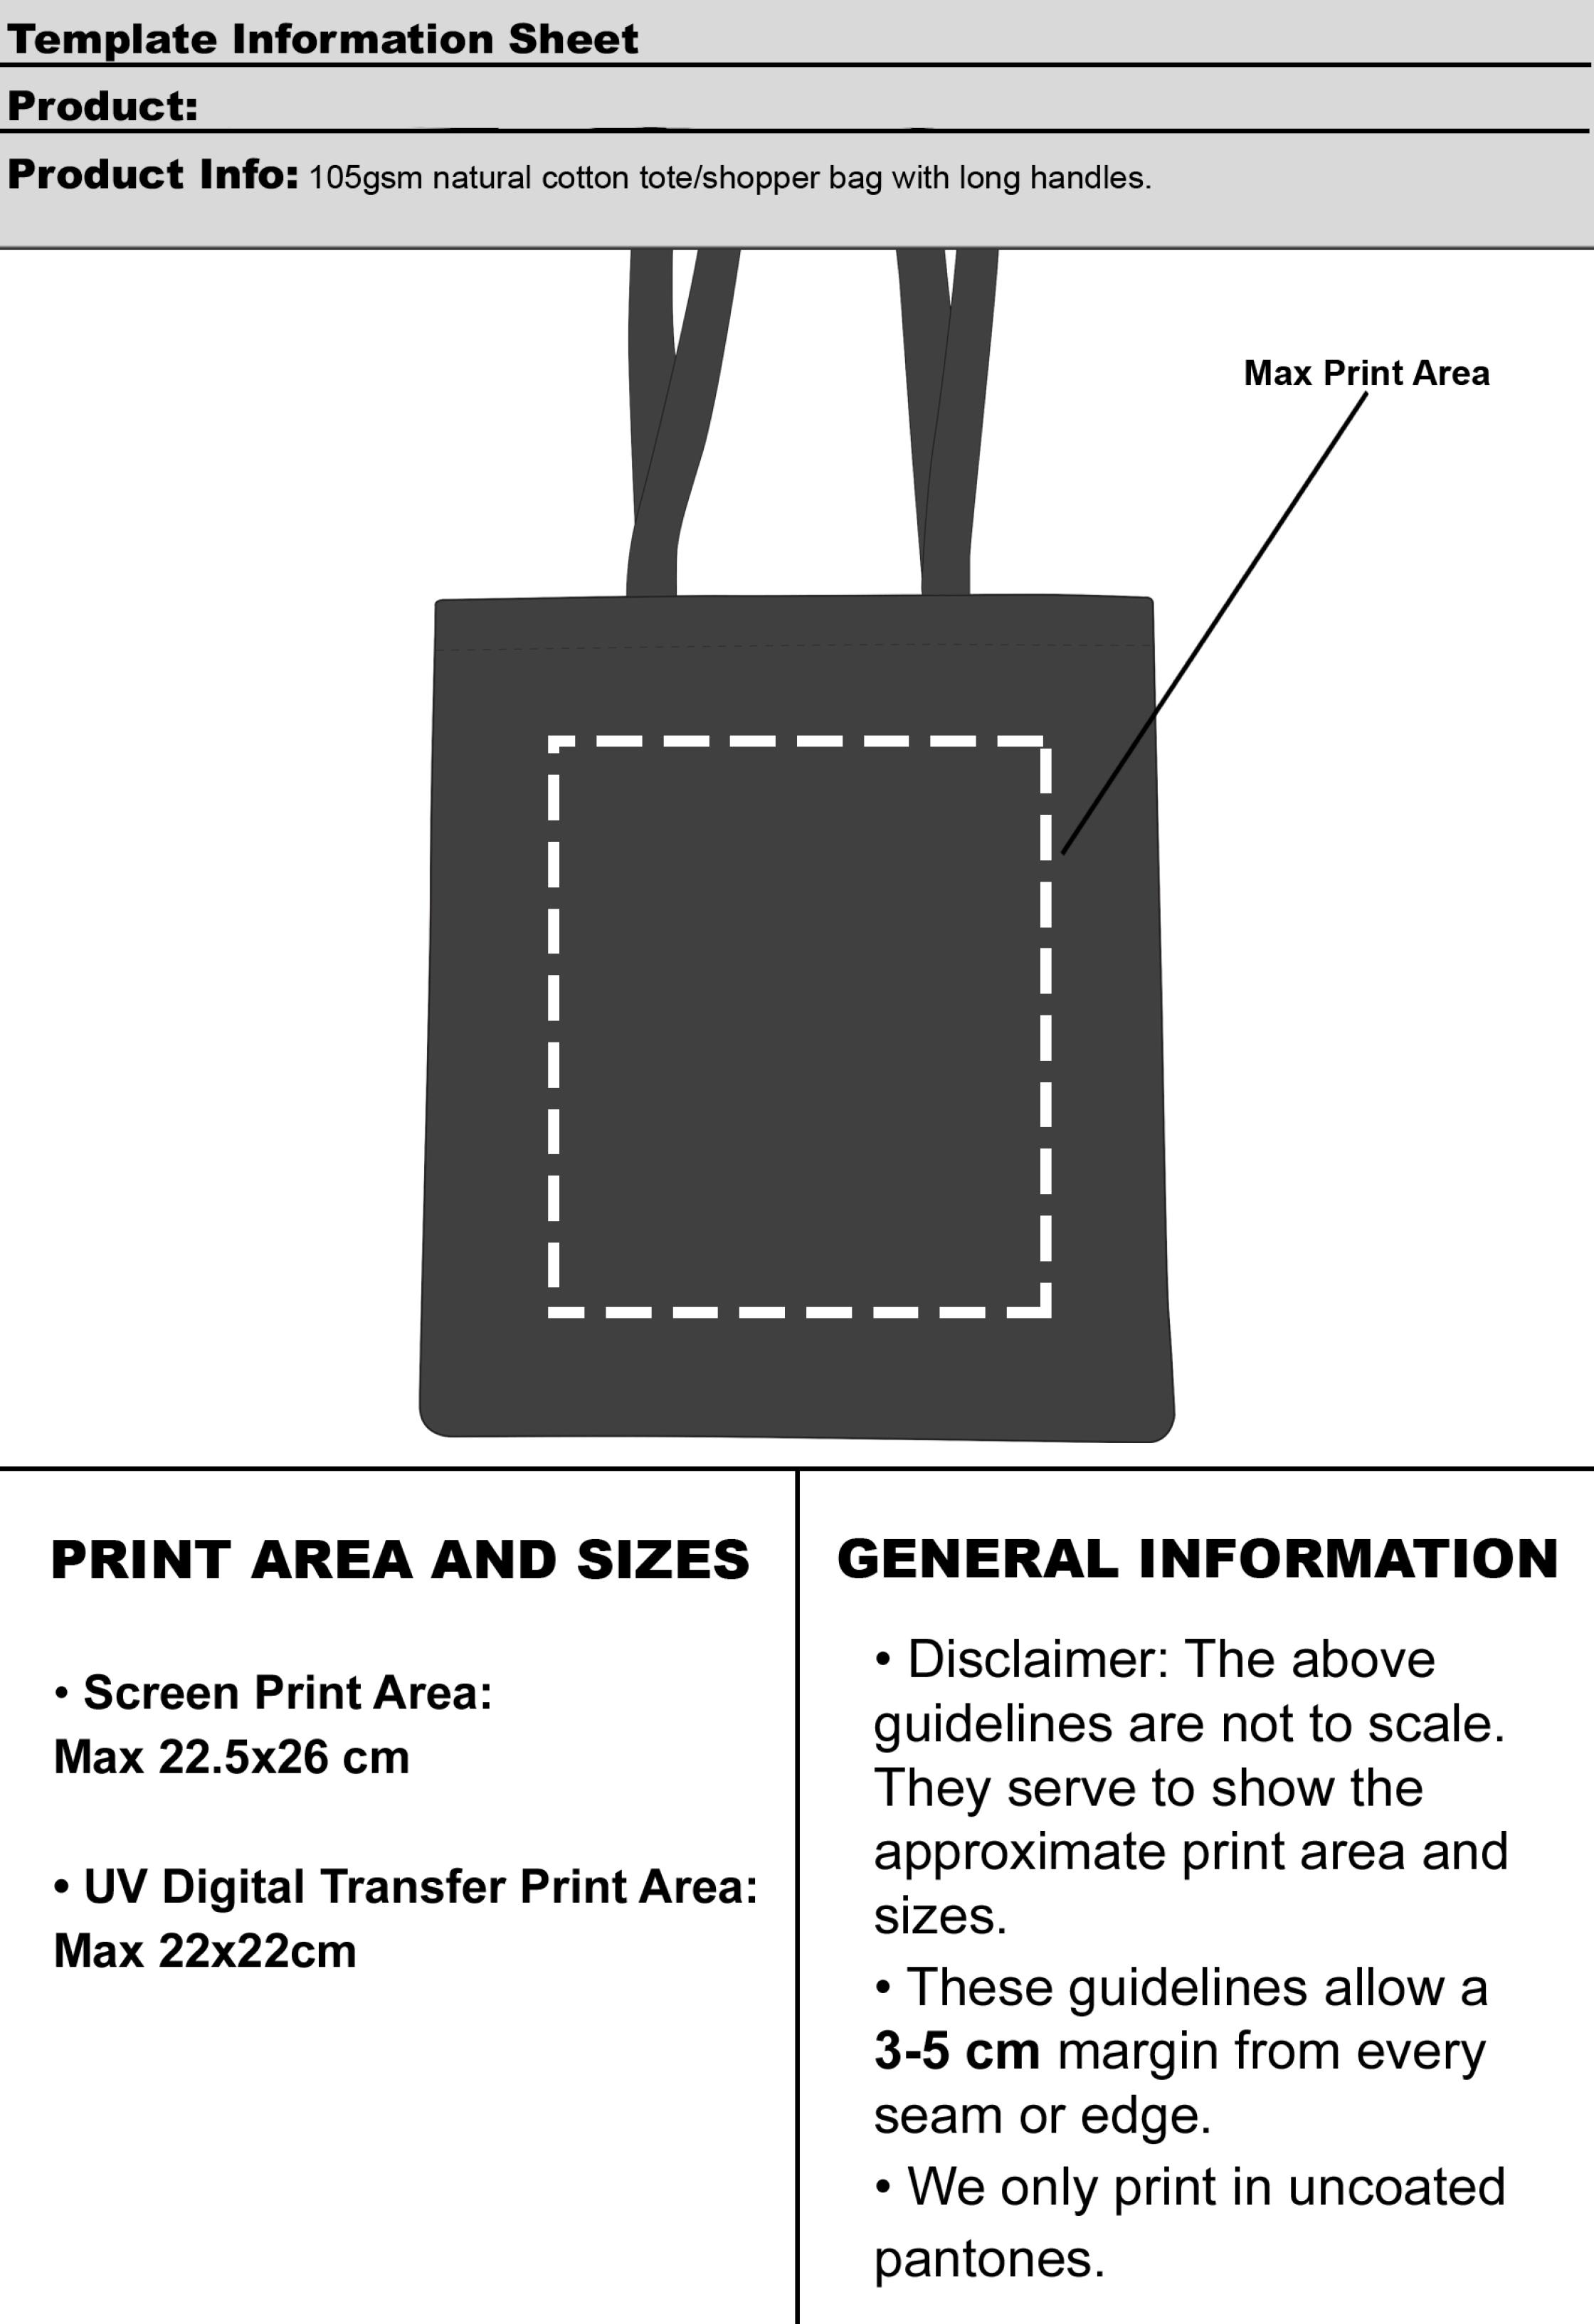 509f2cde89e Snowdown Cotton Tote Bags · Download Artwork Template